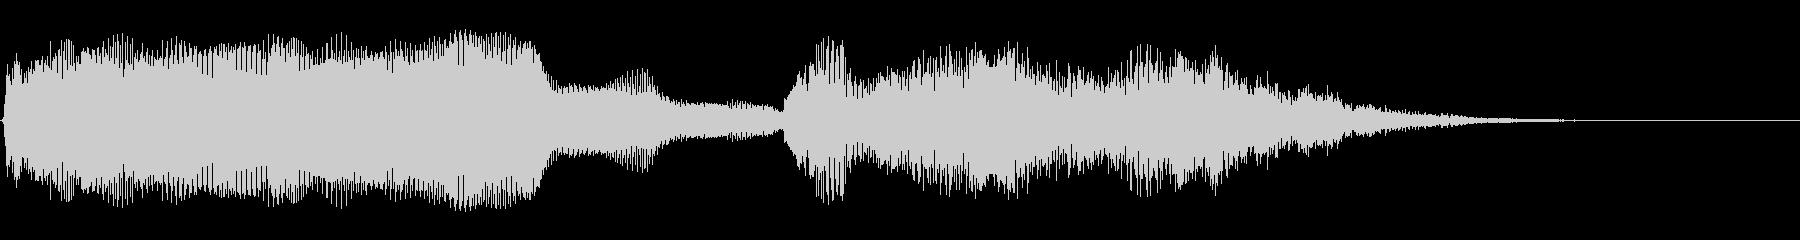 スムーズなシンセアクセント6の未再生の波形